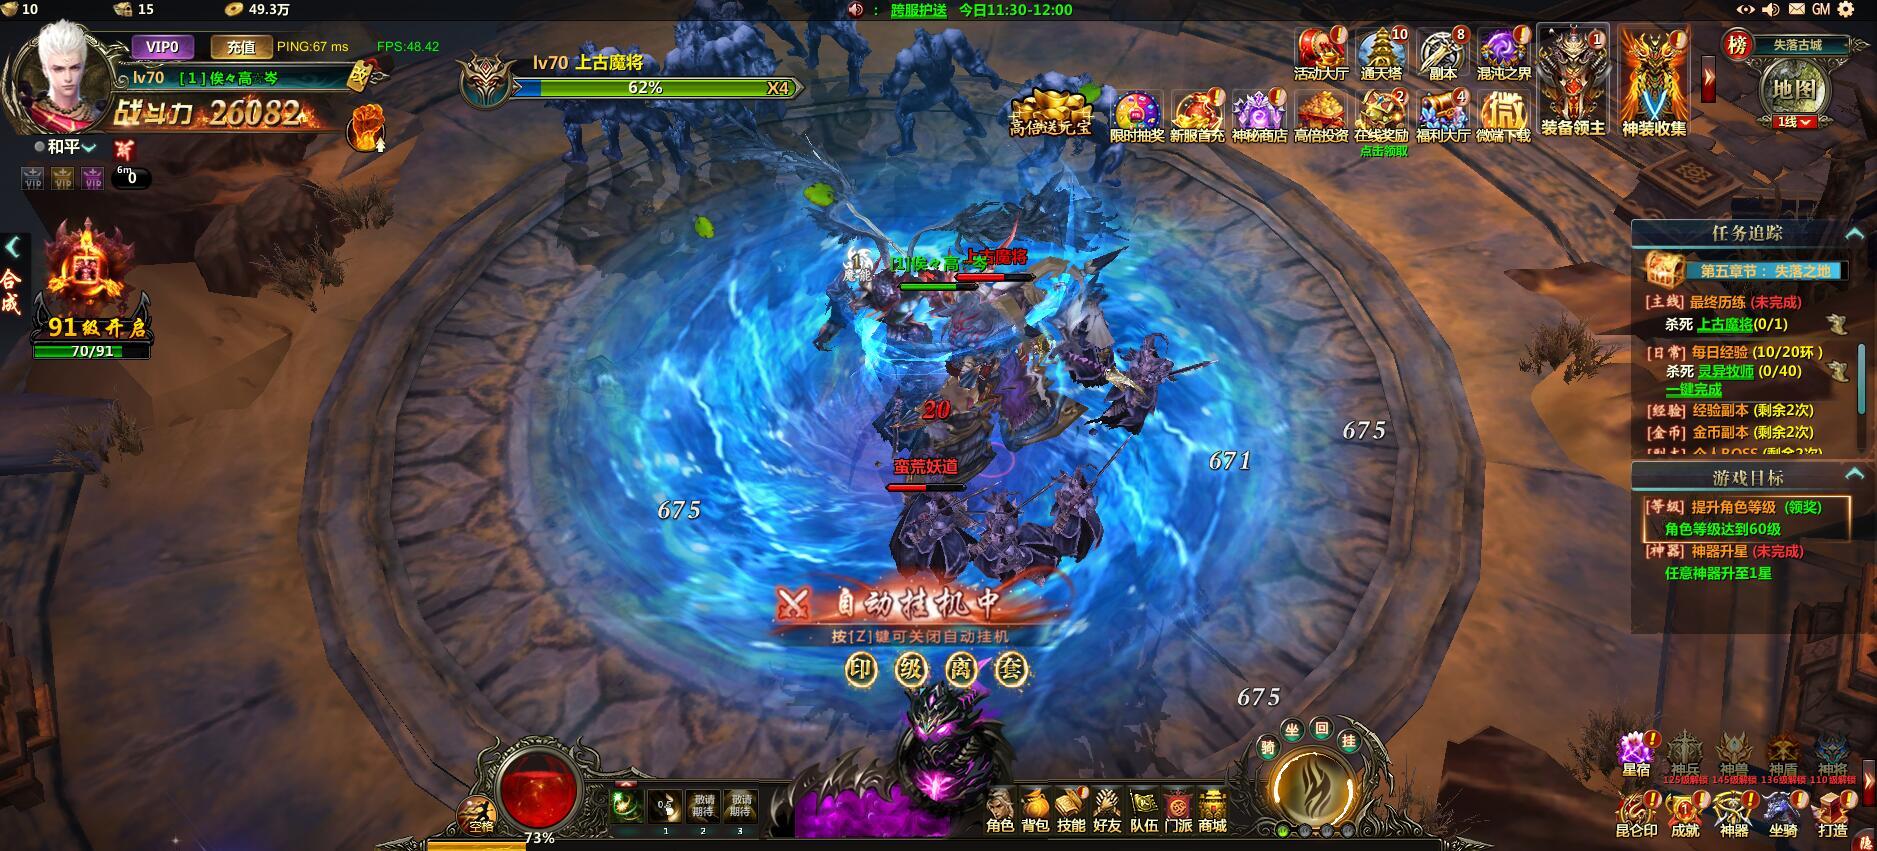 龙之权力游戏截图2